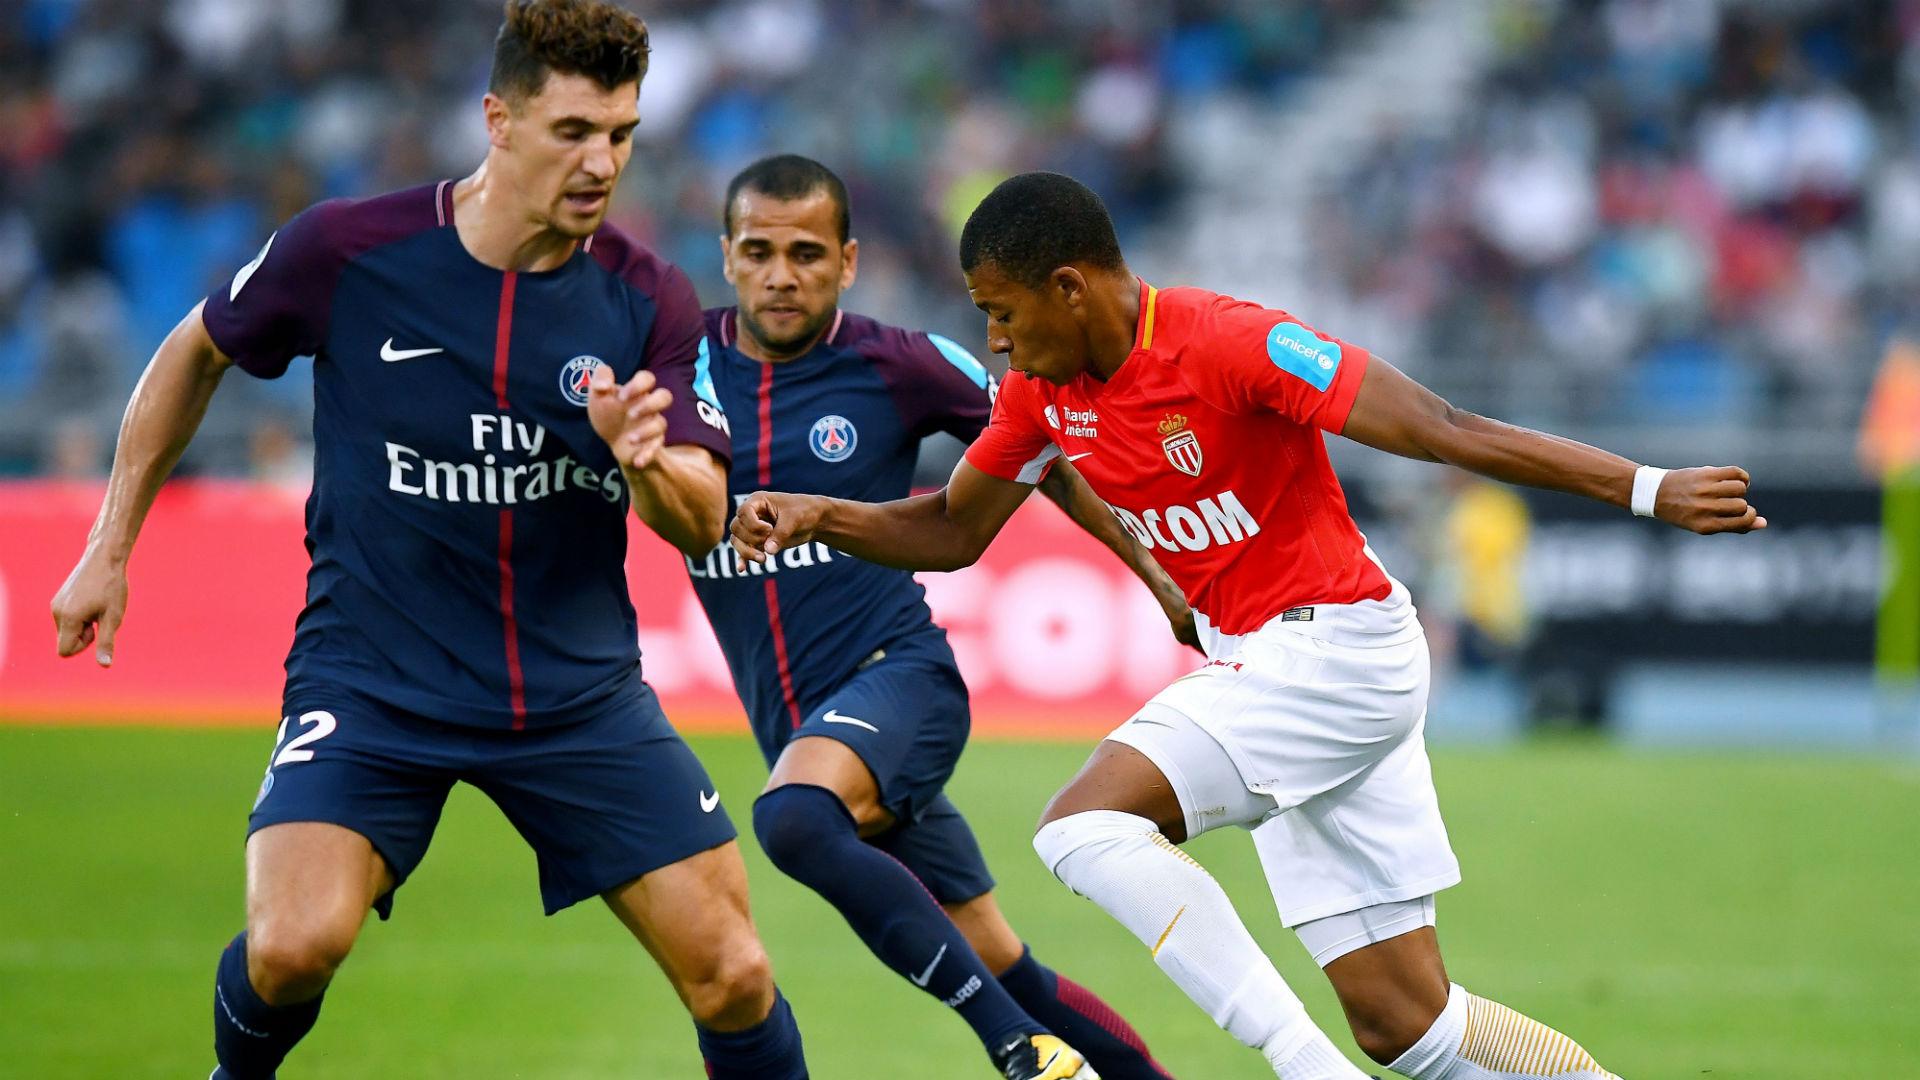 Kylian Mbappé Thomas Meunier Monaco PSG Trophee des Champions 29072017